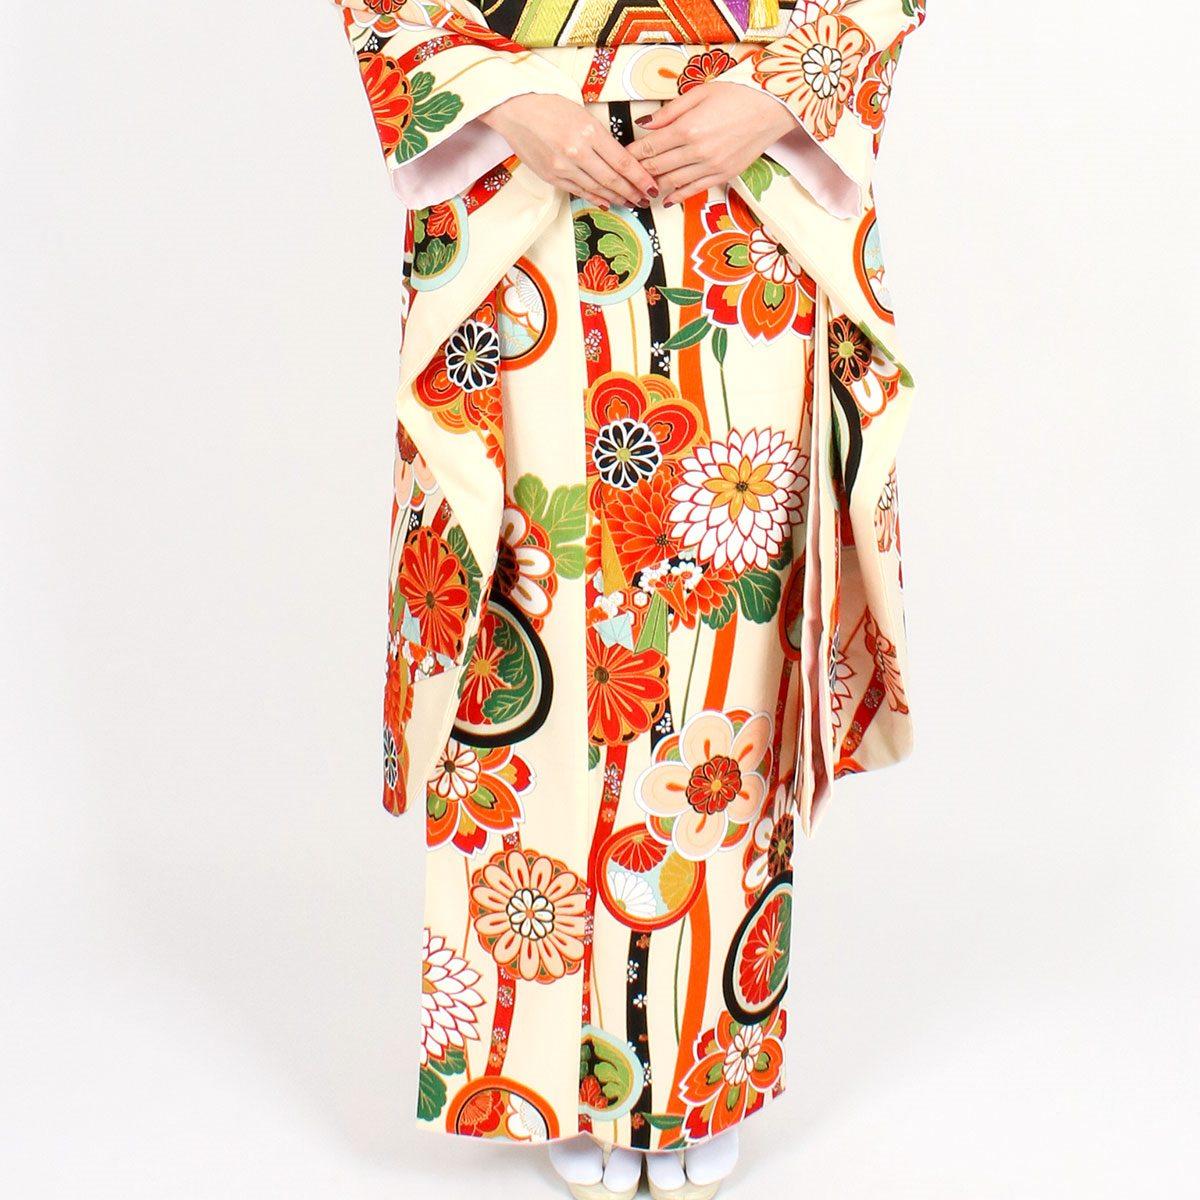 【成人式】 [安心の長期間レンタル]【対応身長150cm〜165cm】レンタル振袖フルセット-917|花柄|レトロ|クール系|ポップキュート|黄色系|オレンジ系|菊|総柄